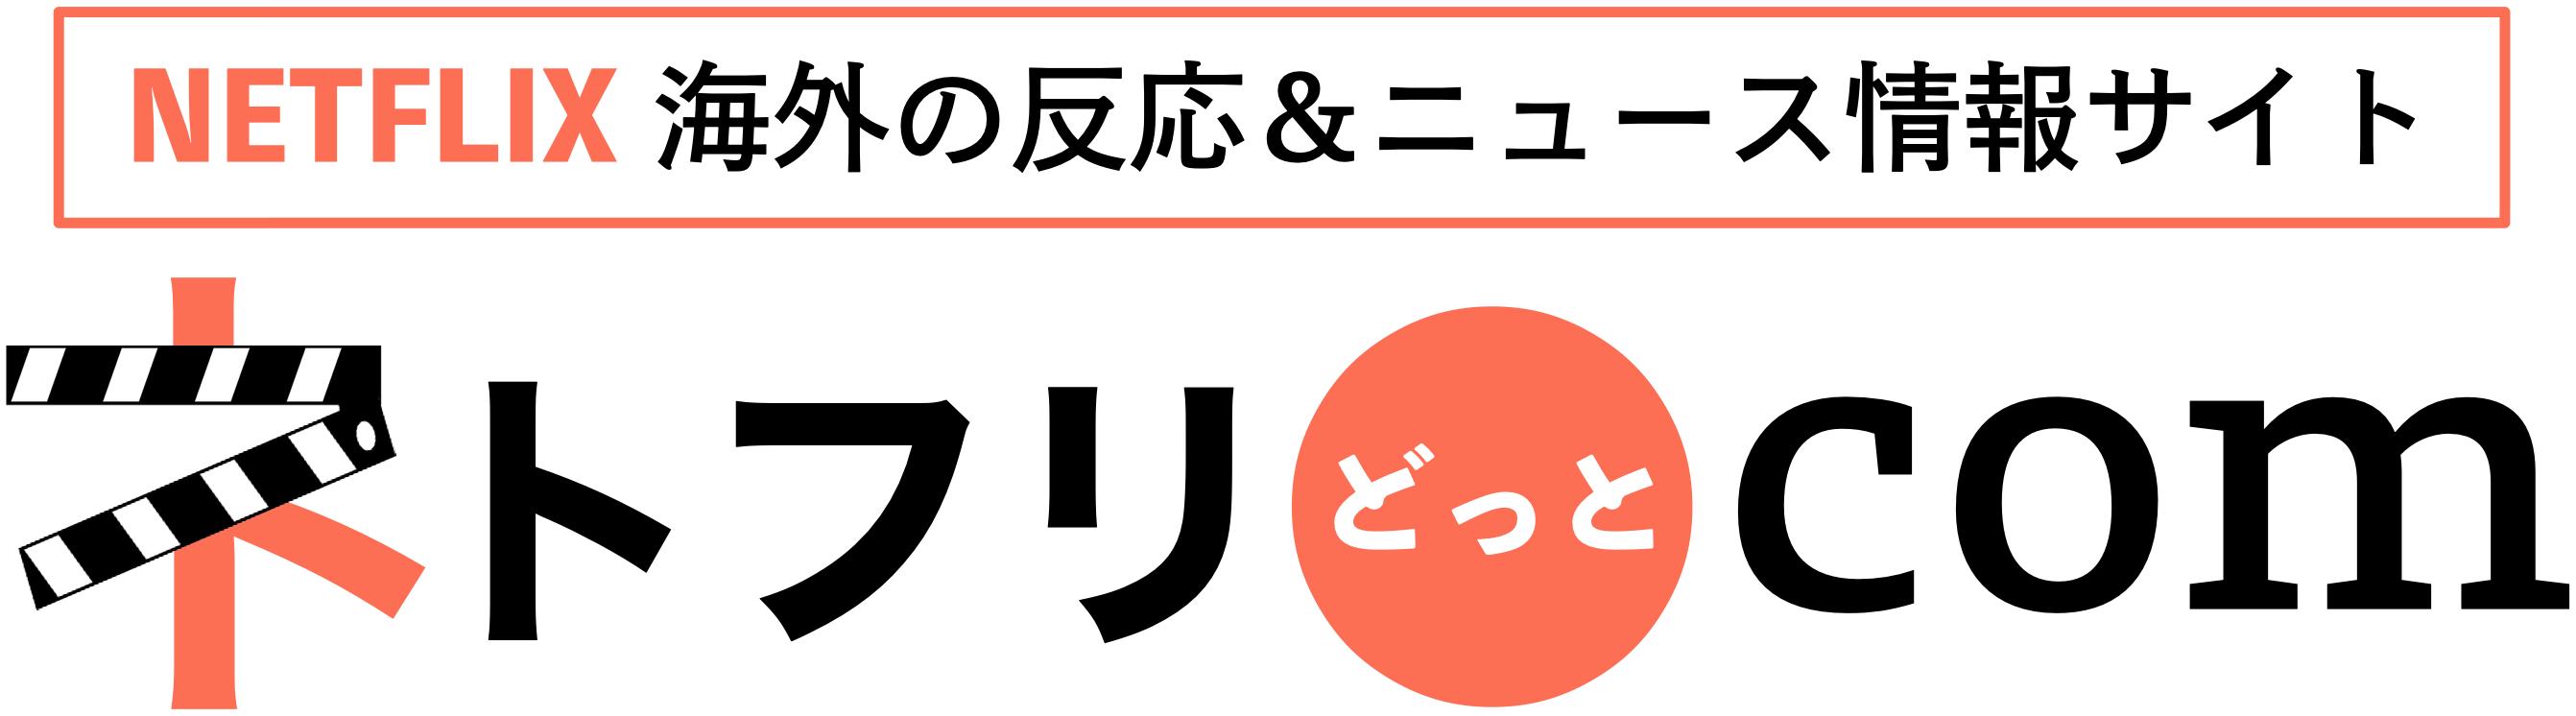 ネトフリ.com